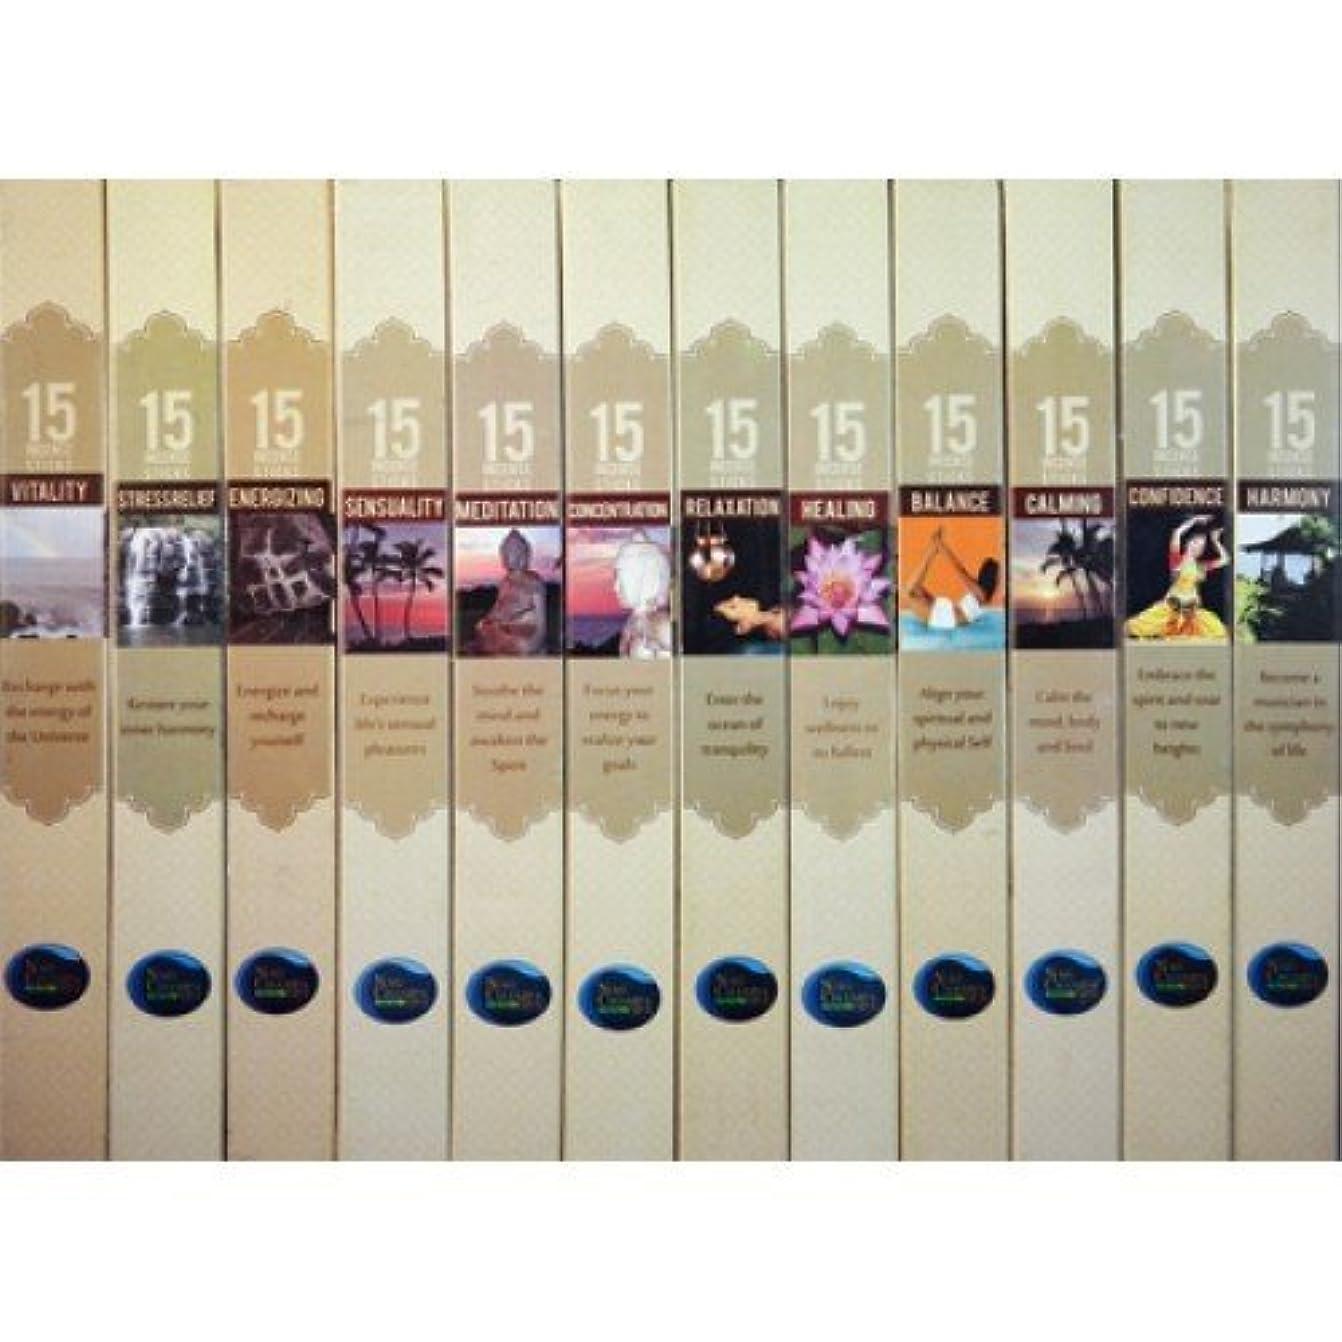 意味ジャズエラーアロマセラピーFragrances Incense sampler- 12?Fragrances、15?Sticksボックス?–?リラクゼーション、瞑想、Sensuality & More。